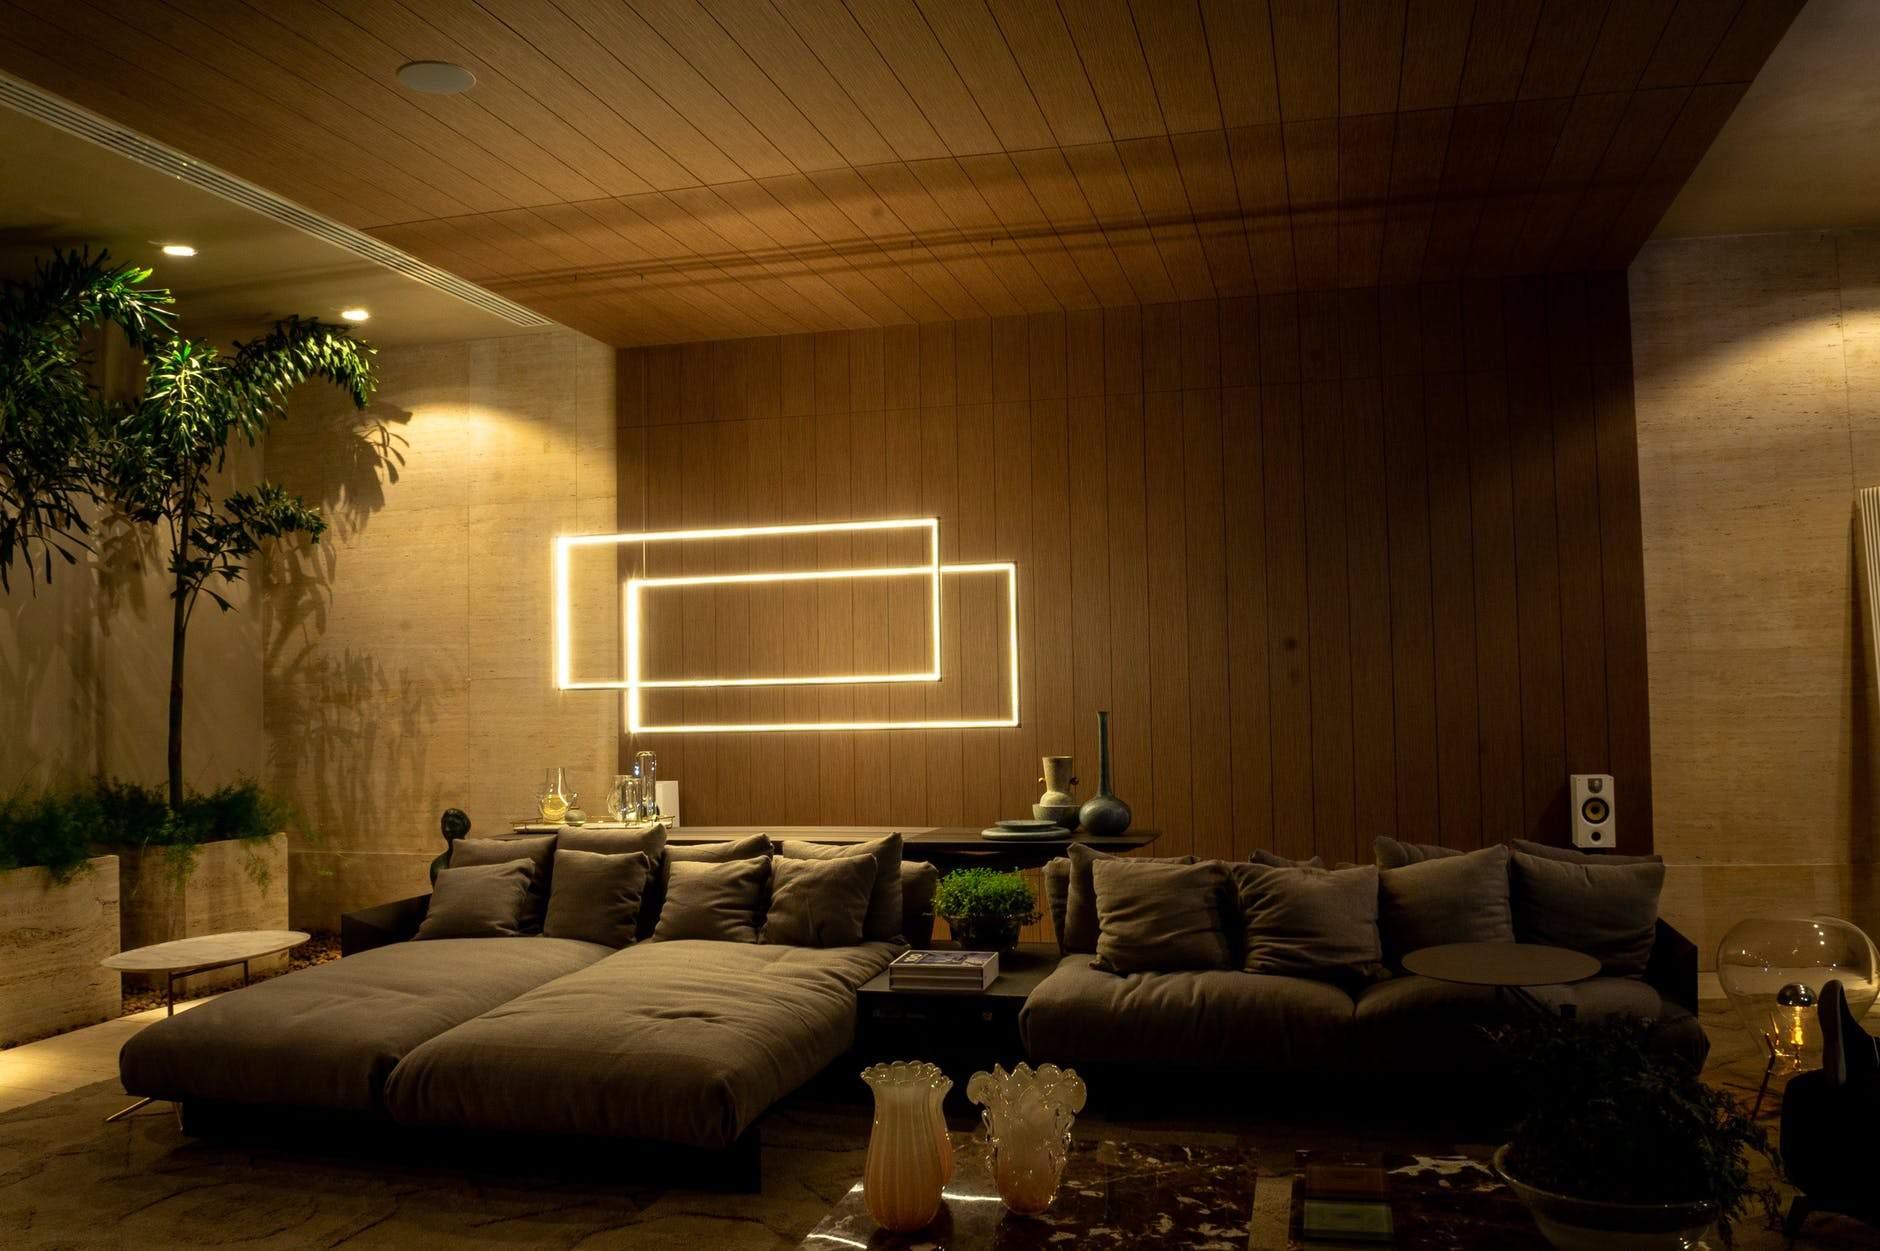 Підсвітка – вдалий варіант для маленької кімнати